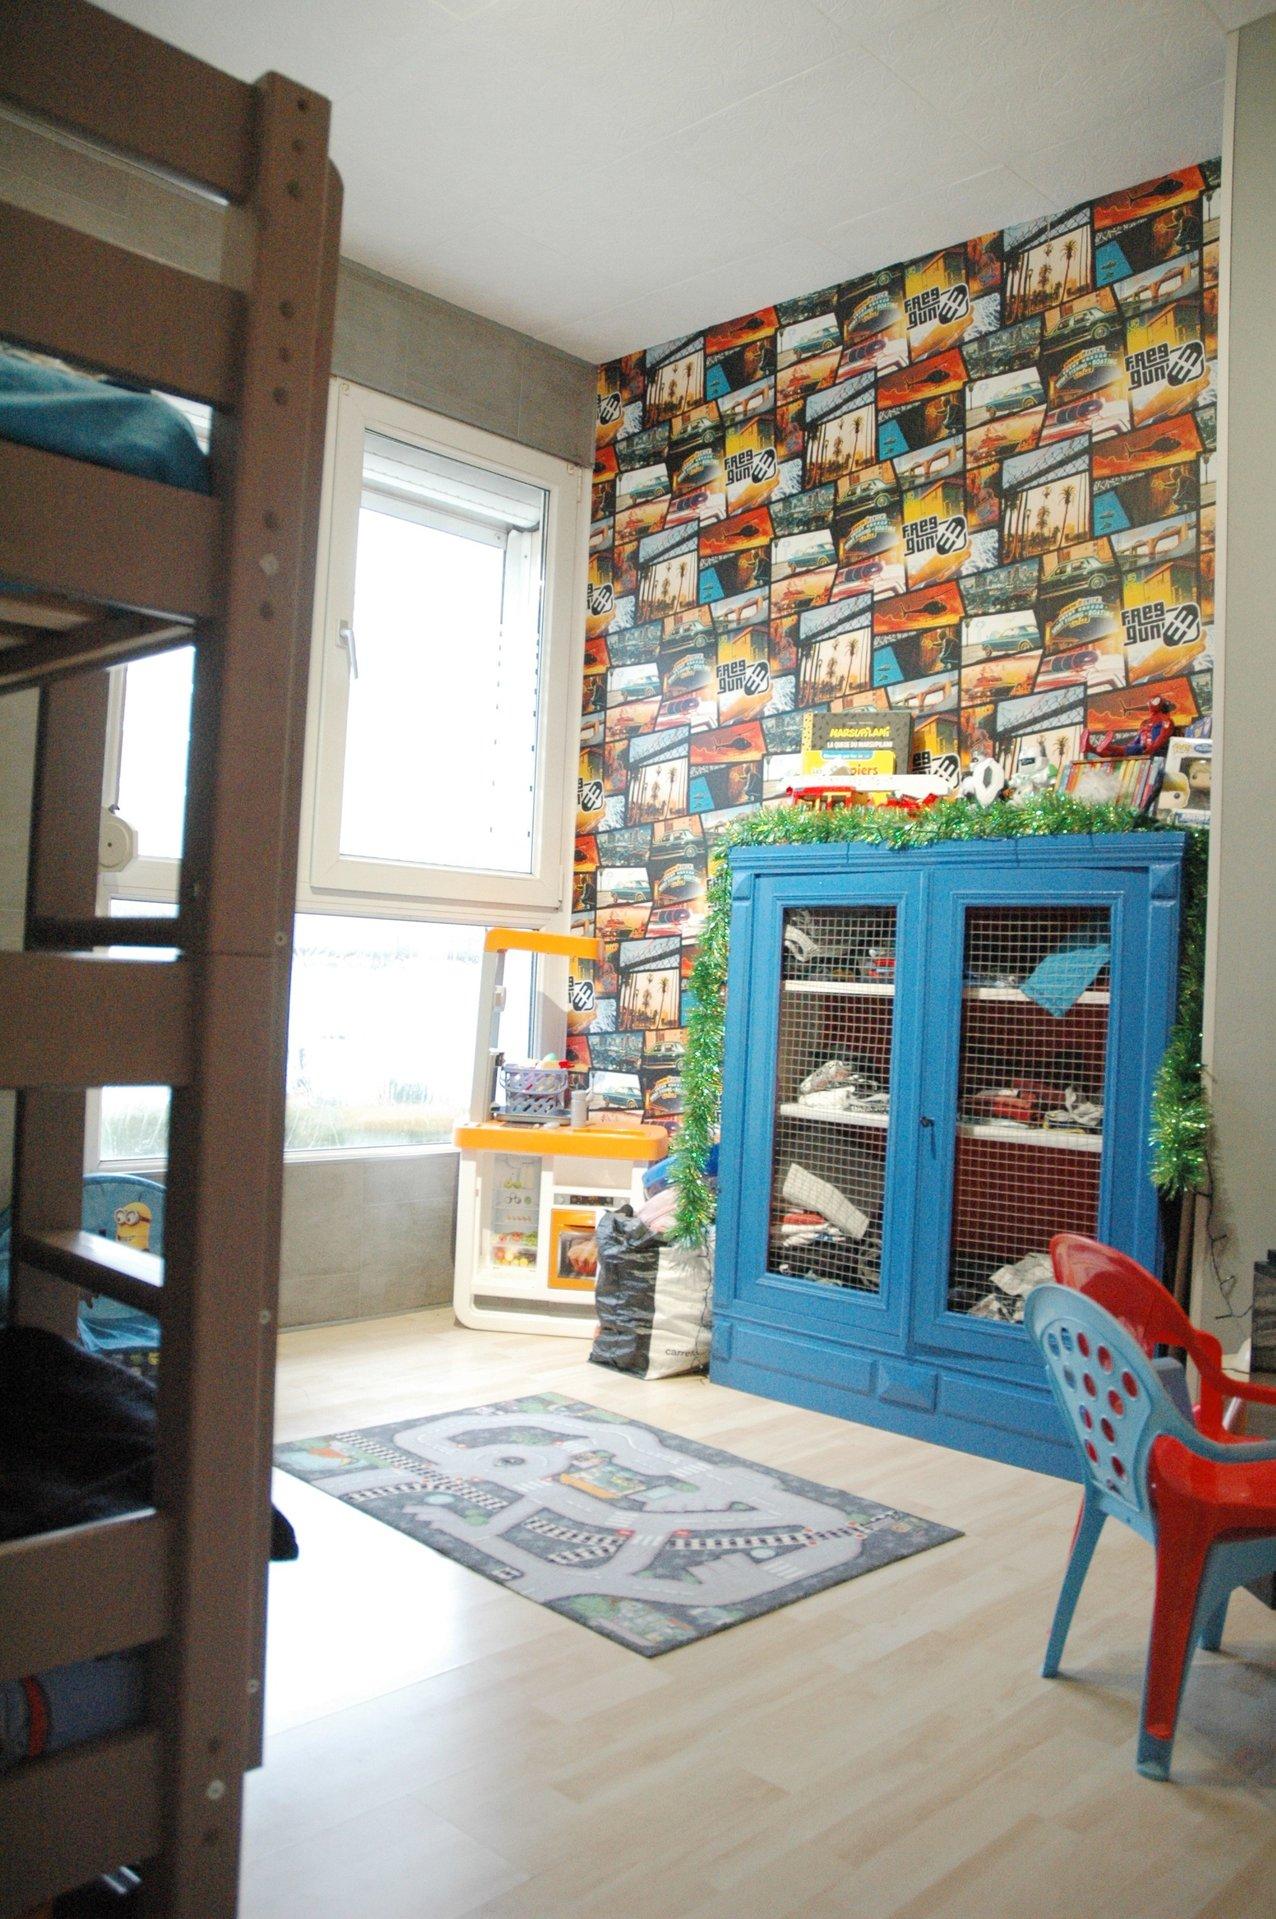 NOUVEAUTE : Belle maison avec jardin